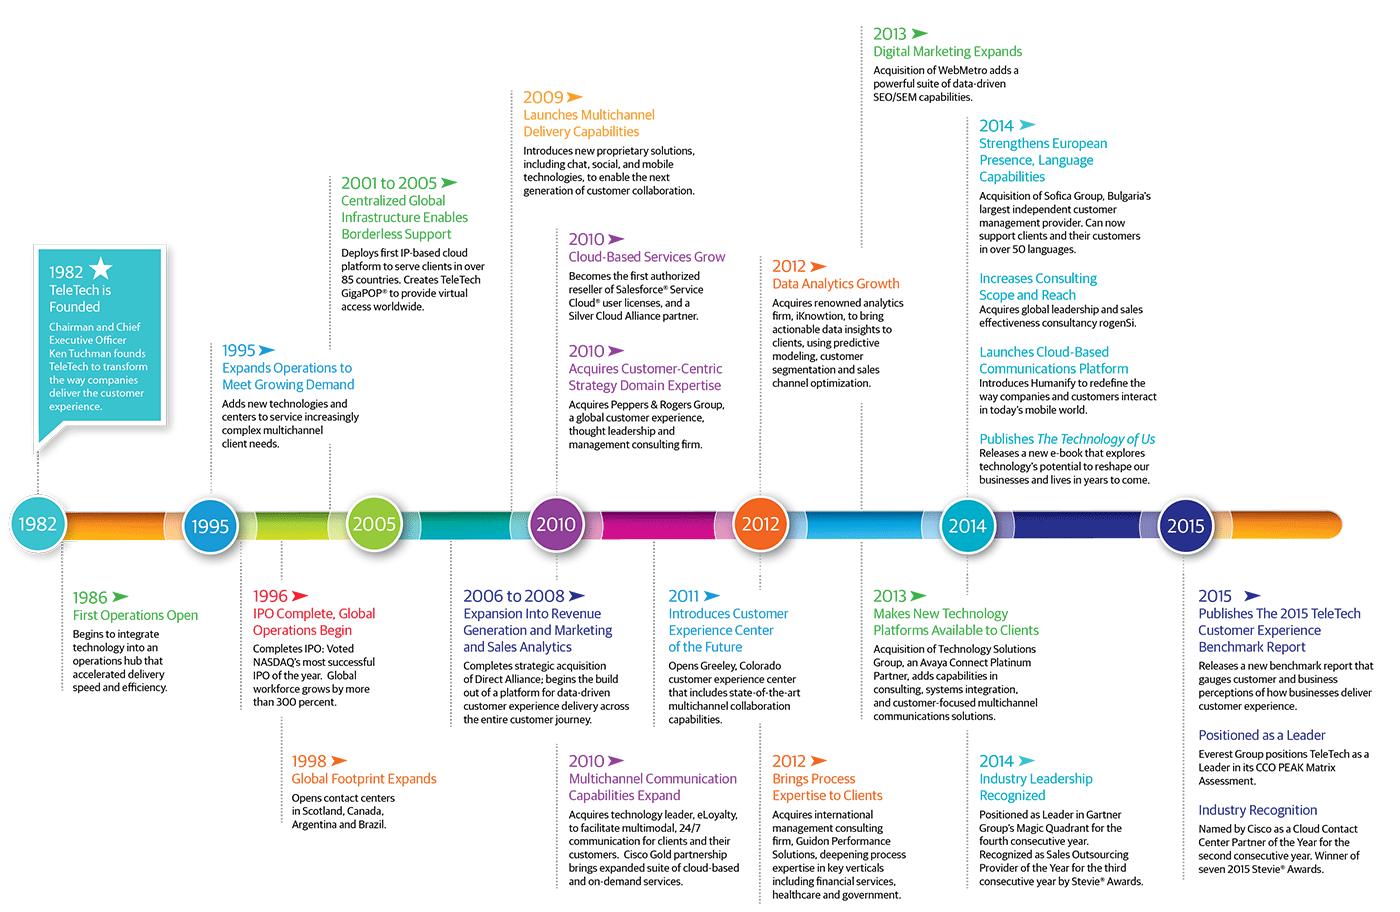 TeleTech customer experience company history